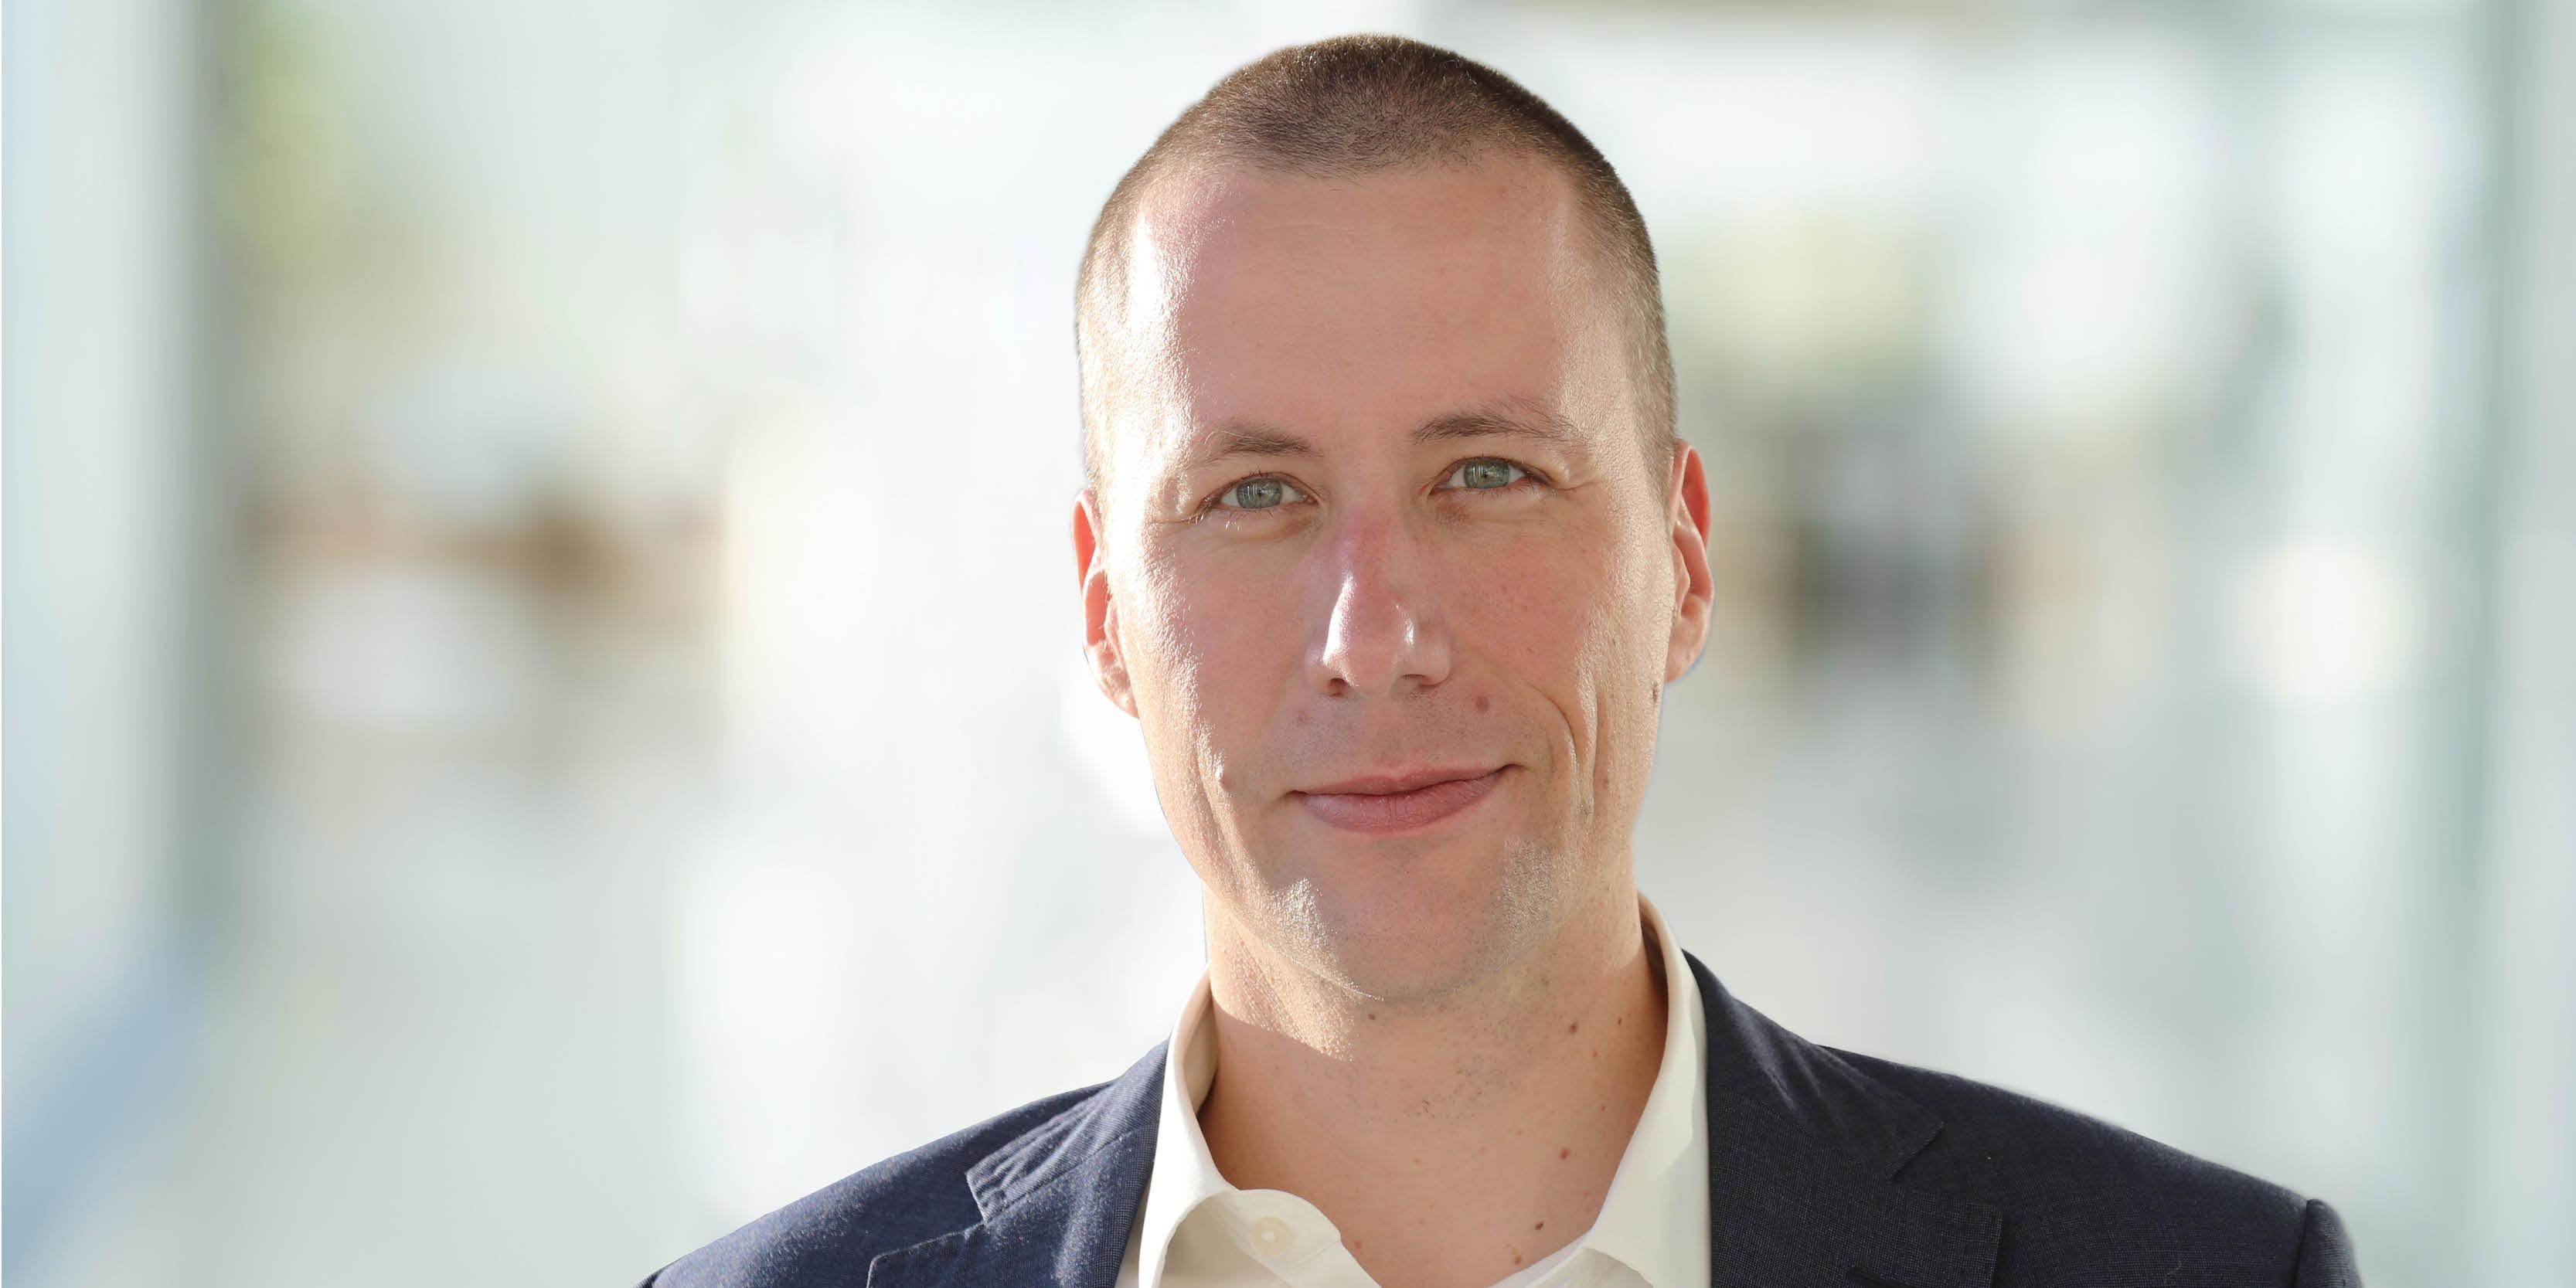 Dr. Martin Keßler wird Chief Executive Officer der U.S.-Niederlassung und Senior Vice President Transformation bei Rentschler Biopharma